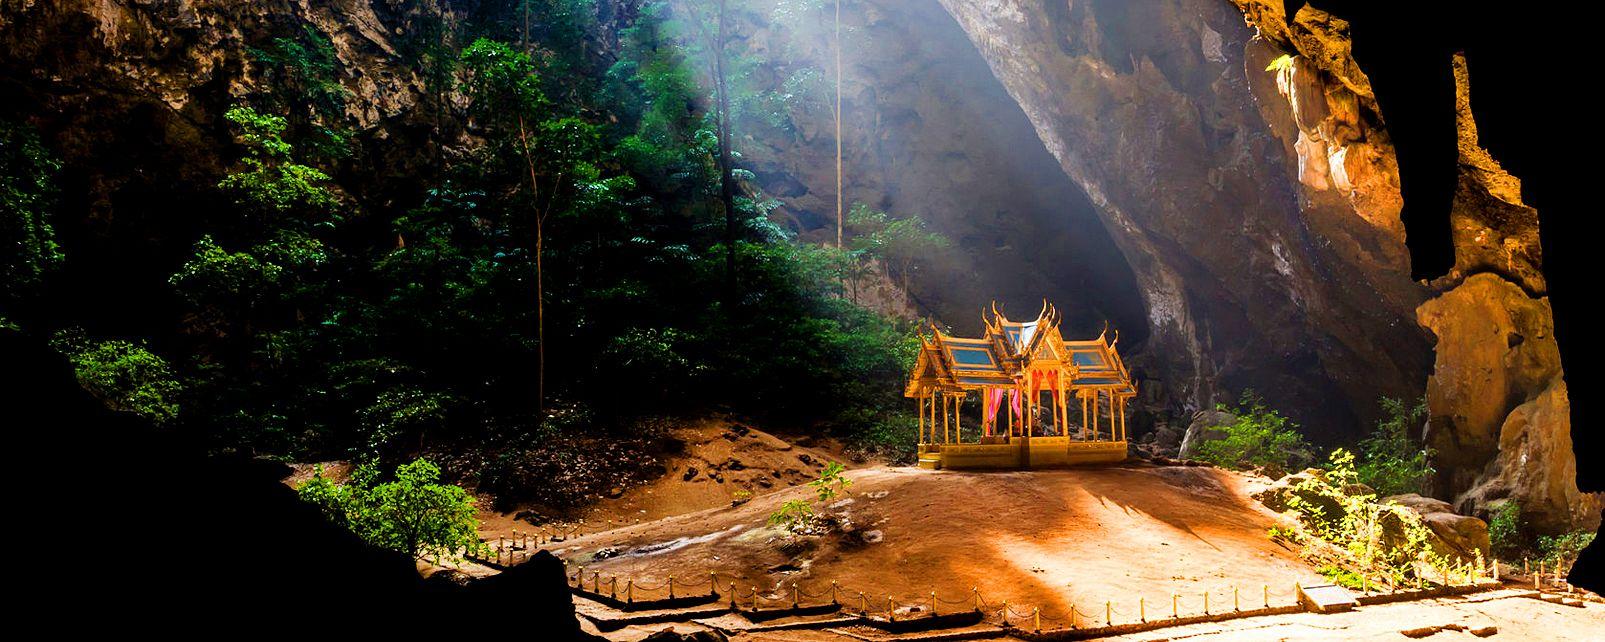 Le parc de Khao Sam Roi Yot, La faune et la flore, Thaïlande